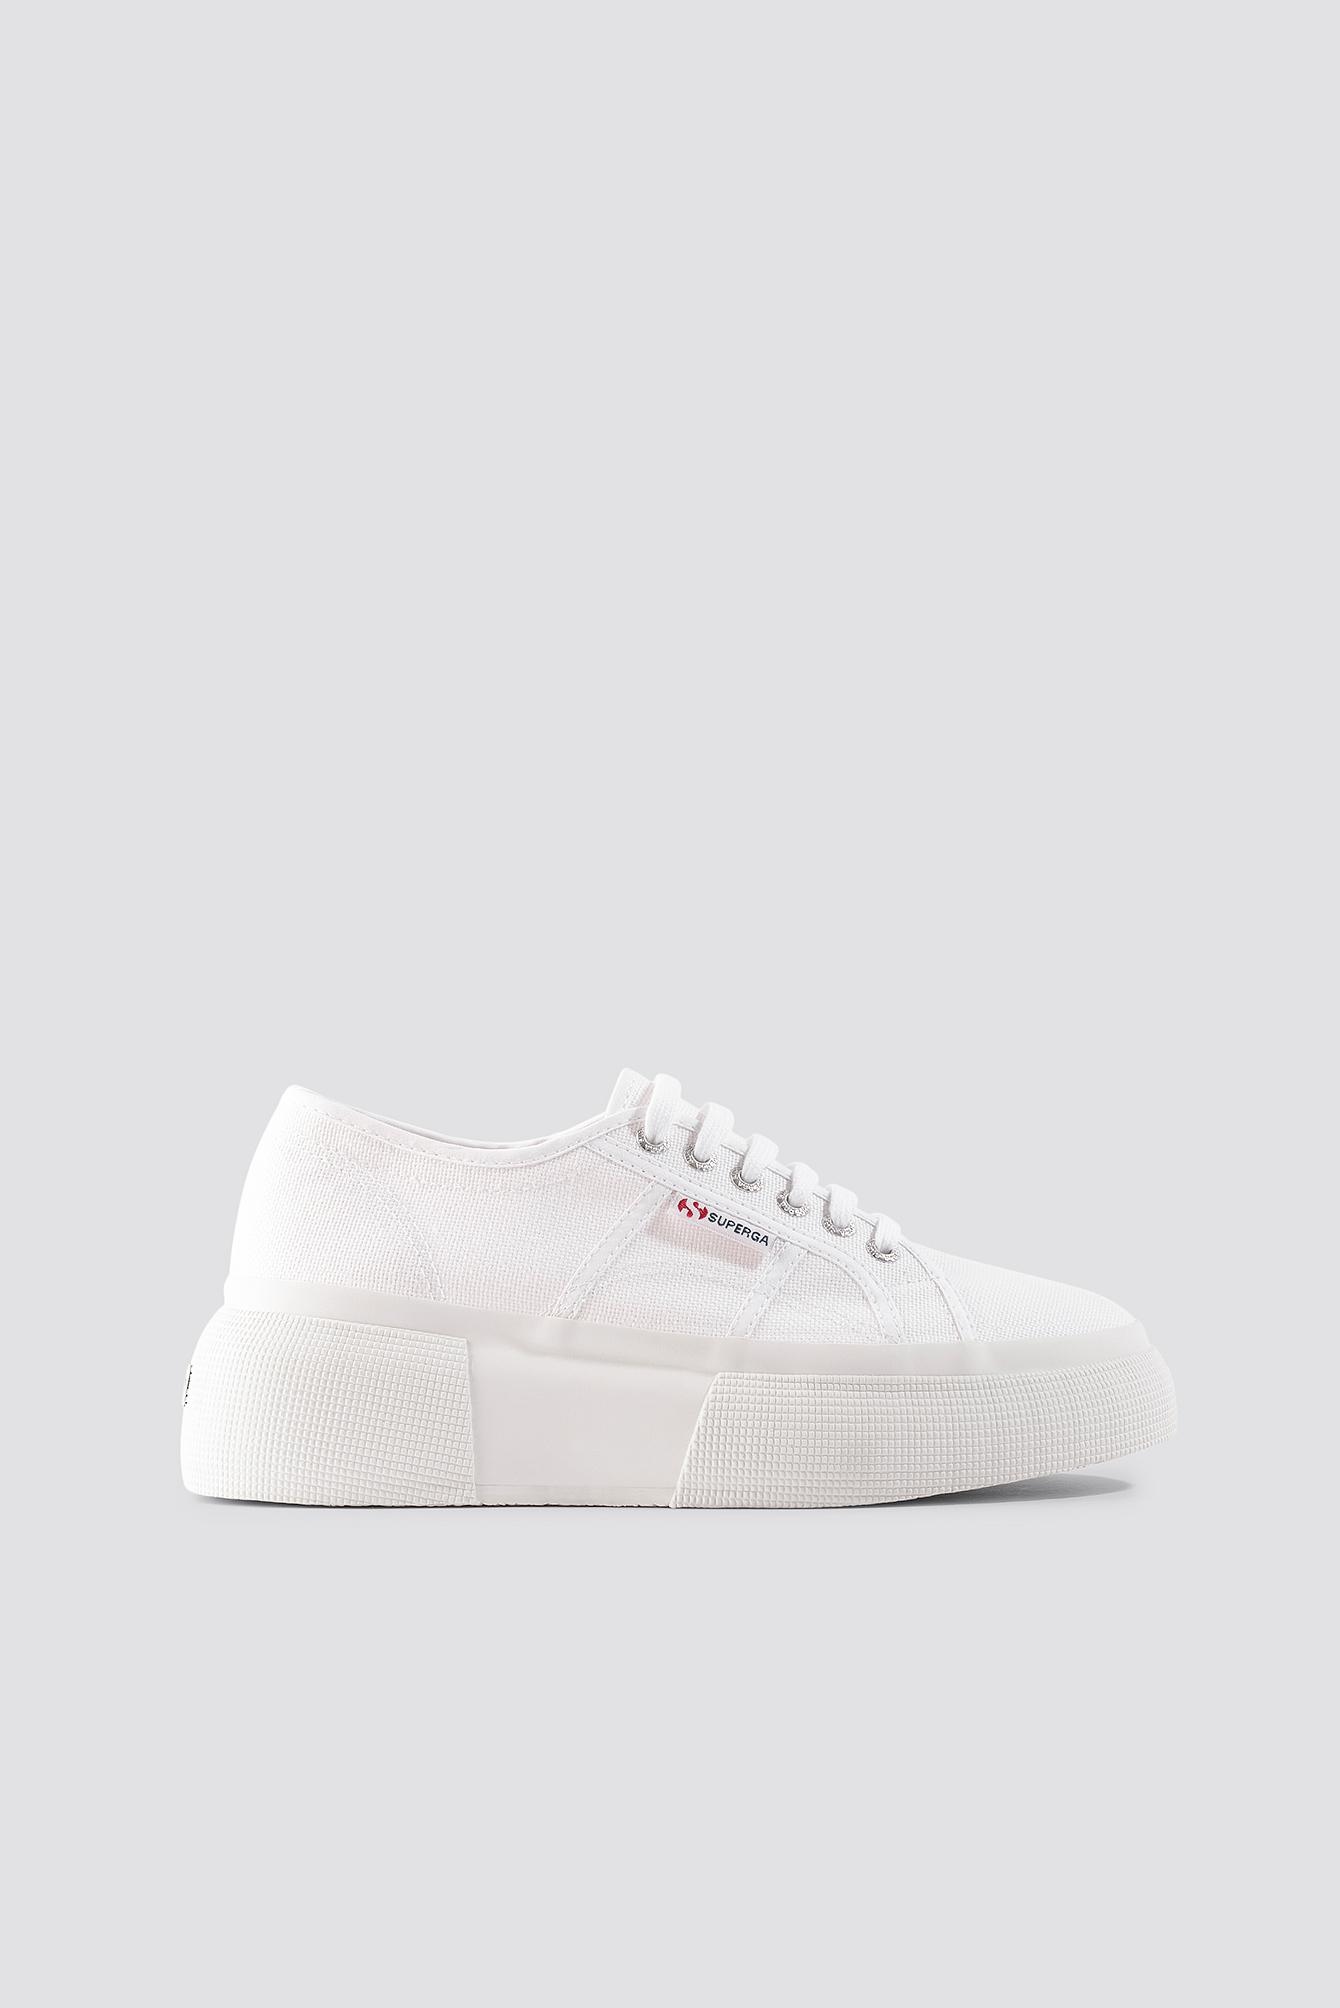 superga -  Cotu 2287 - White